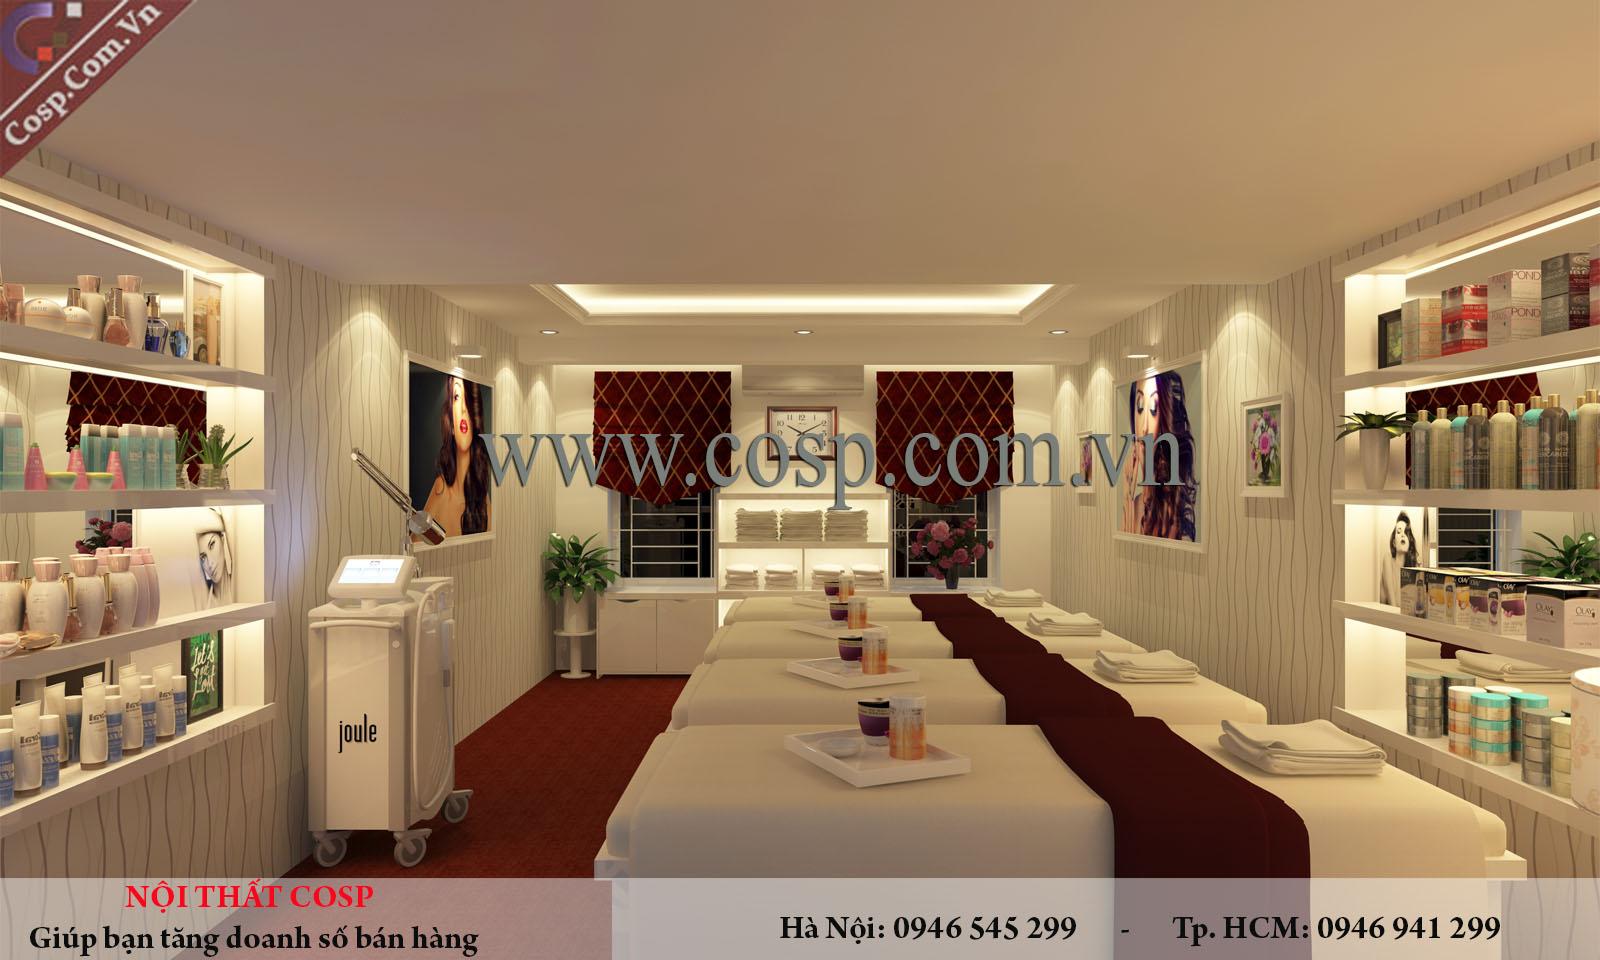 thiết kế nội thất phòng massage tại Quảng Ninh